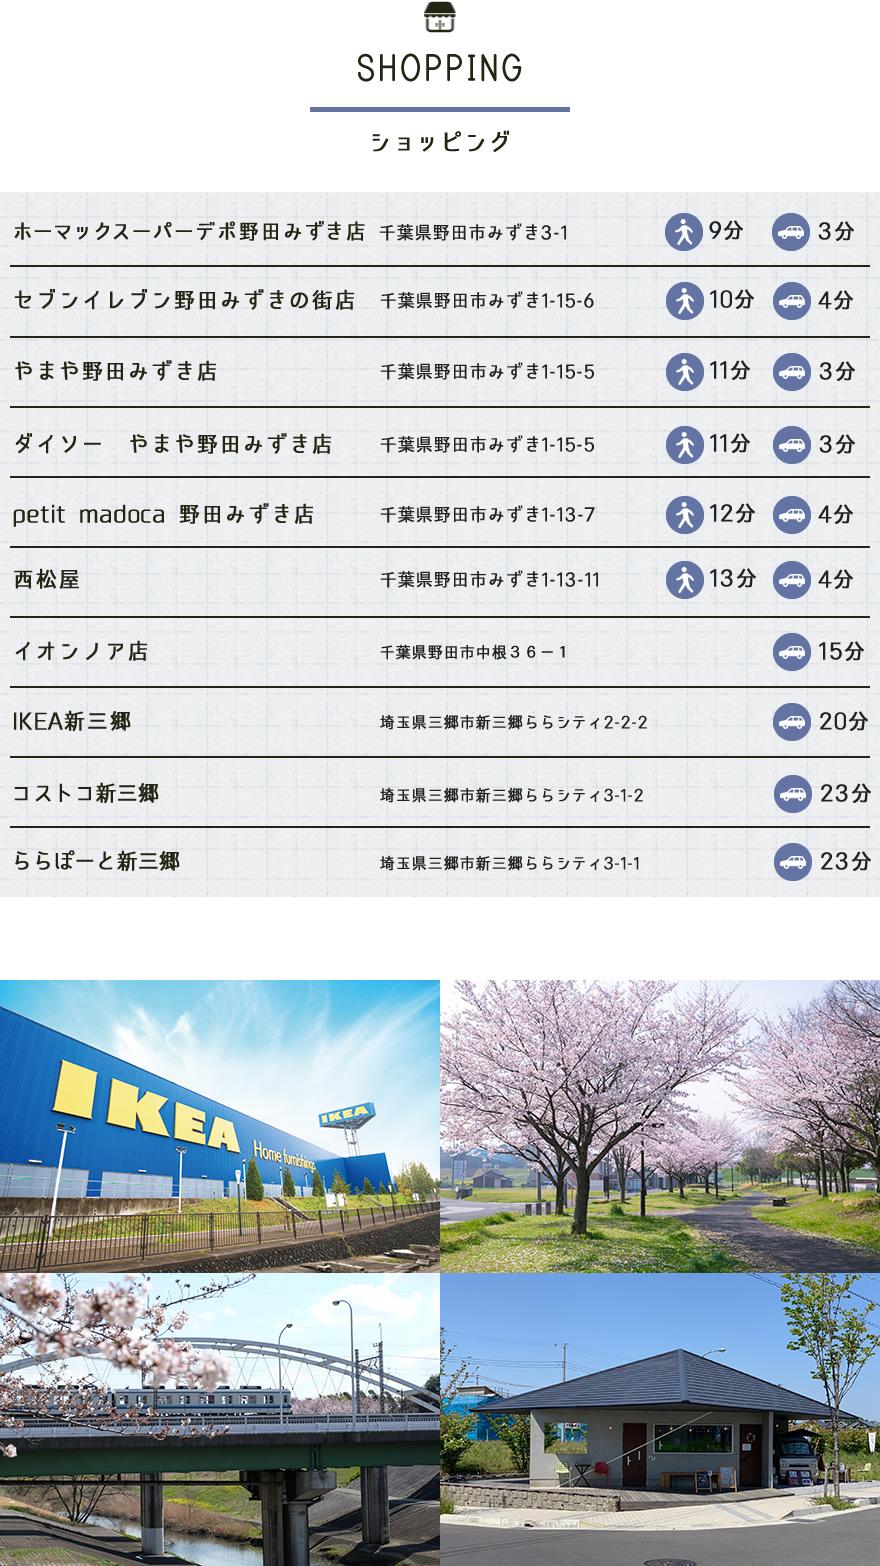 新築一戸建て ソラの街 Unit2の野田市周辺エリア情報「ショッピング」